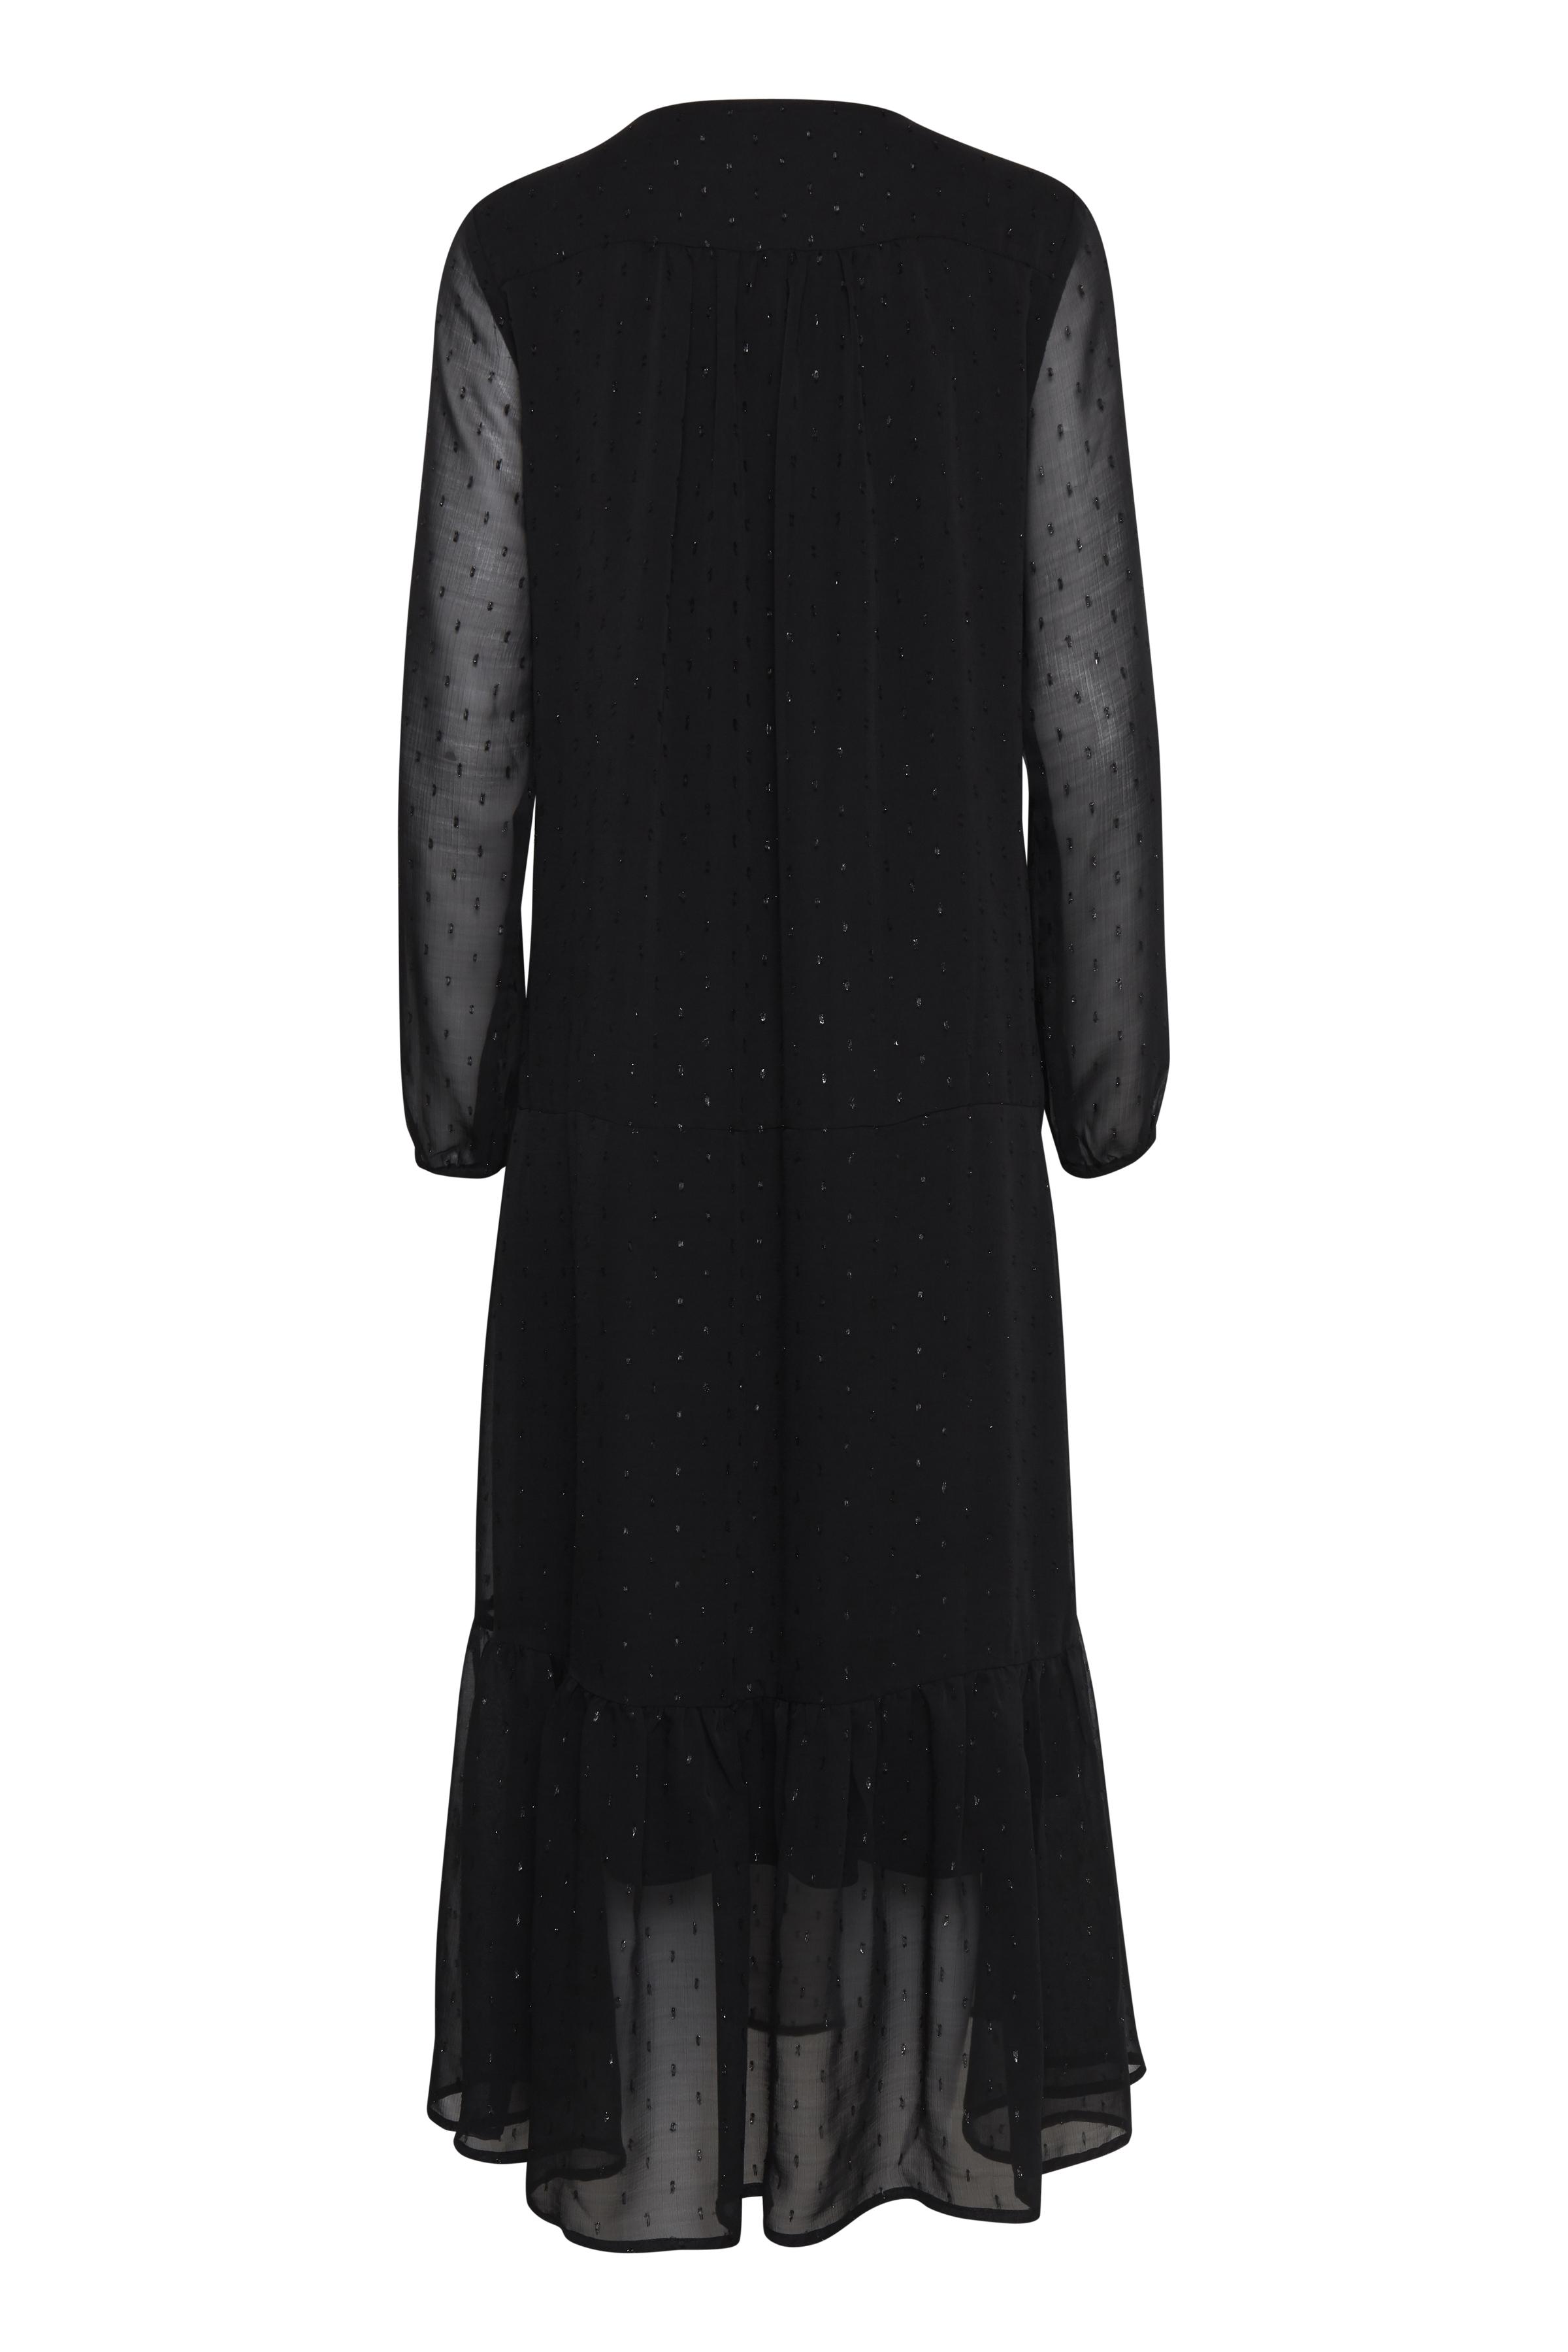 Black Kleid von b.young – Kaufen Sie Black Kleid aus Größe 34-42 hier